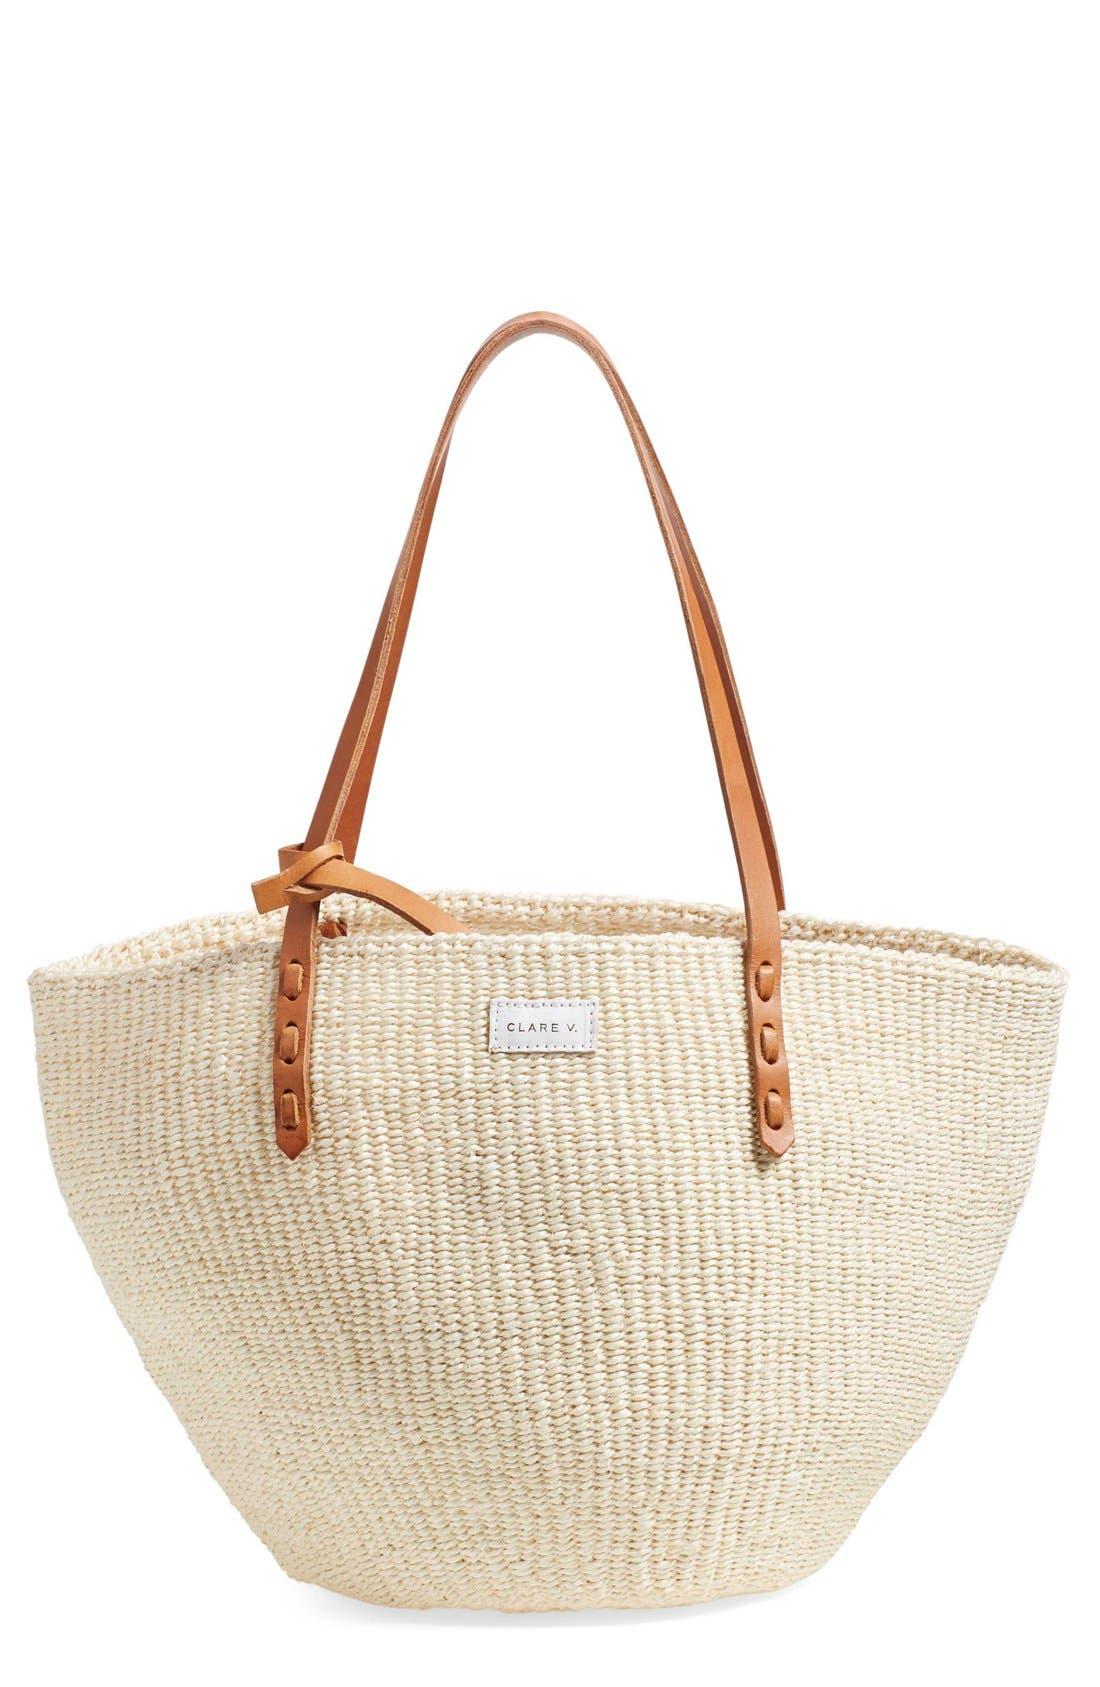 Alternate Image 1 Selected - Clare V. 'Kenya' Sisal Shoulder Bag